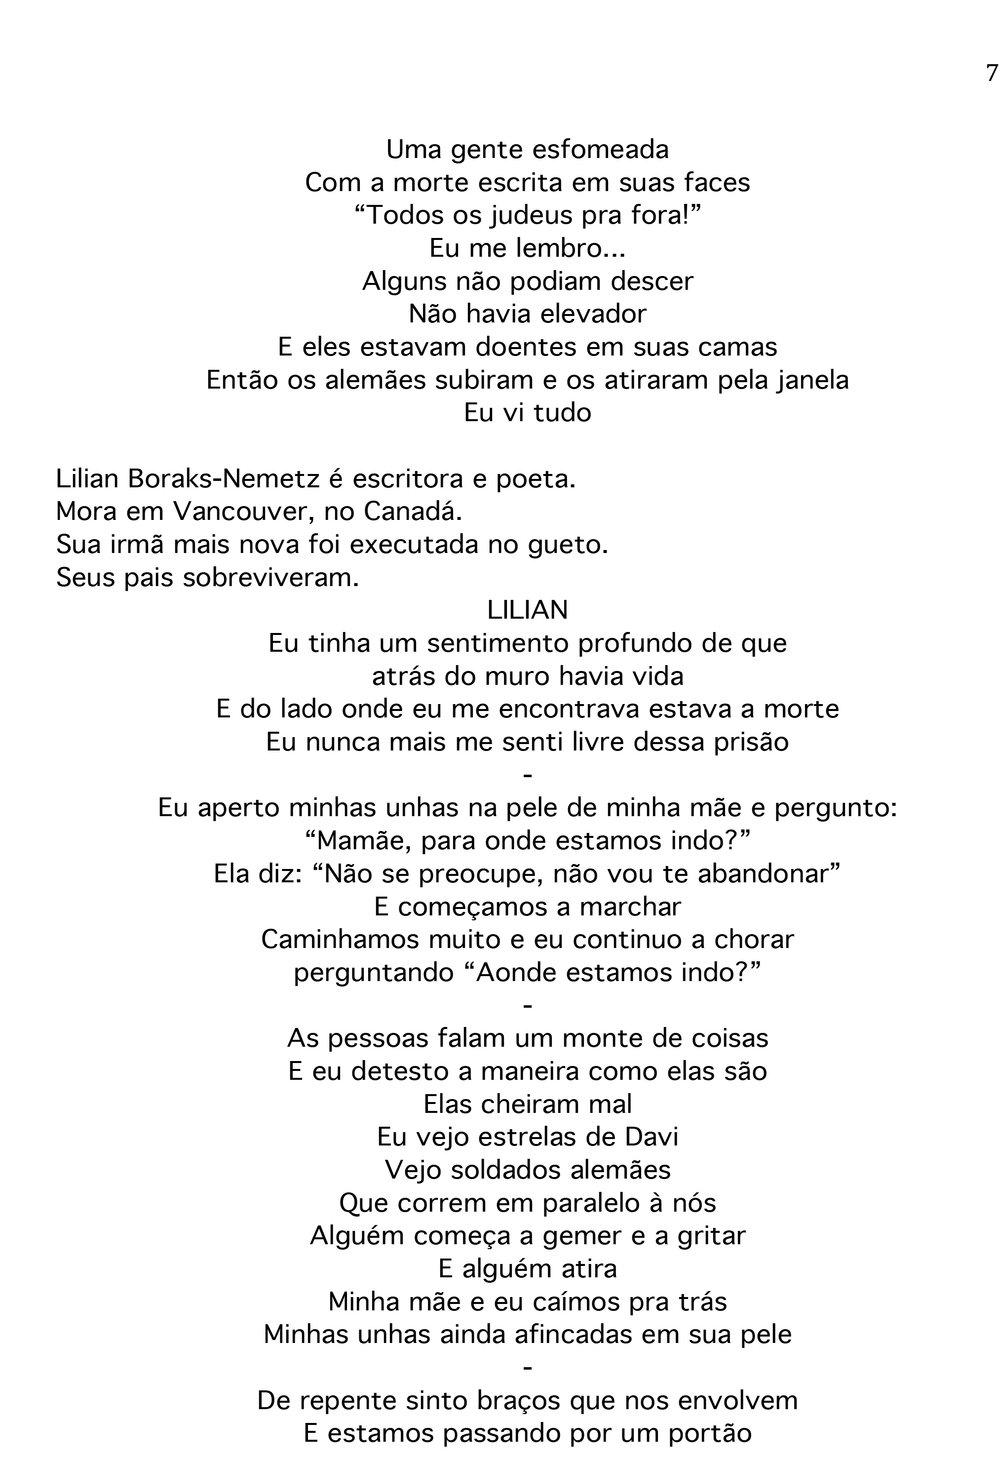 PORTUGUESE-SCRIPT-7.jpg